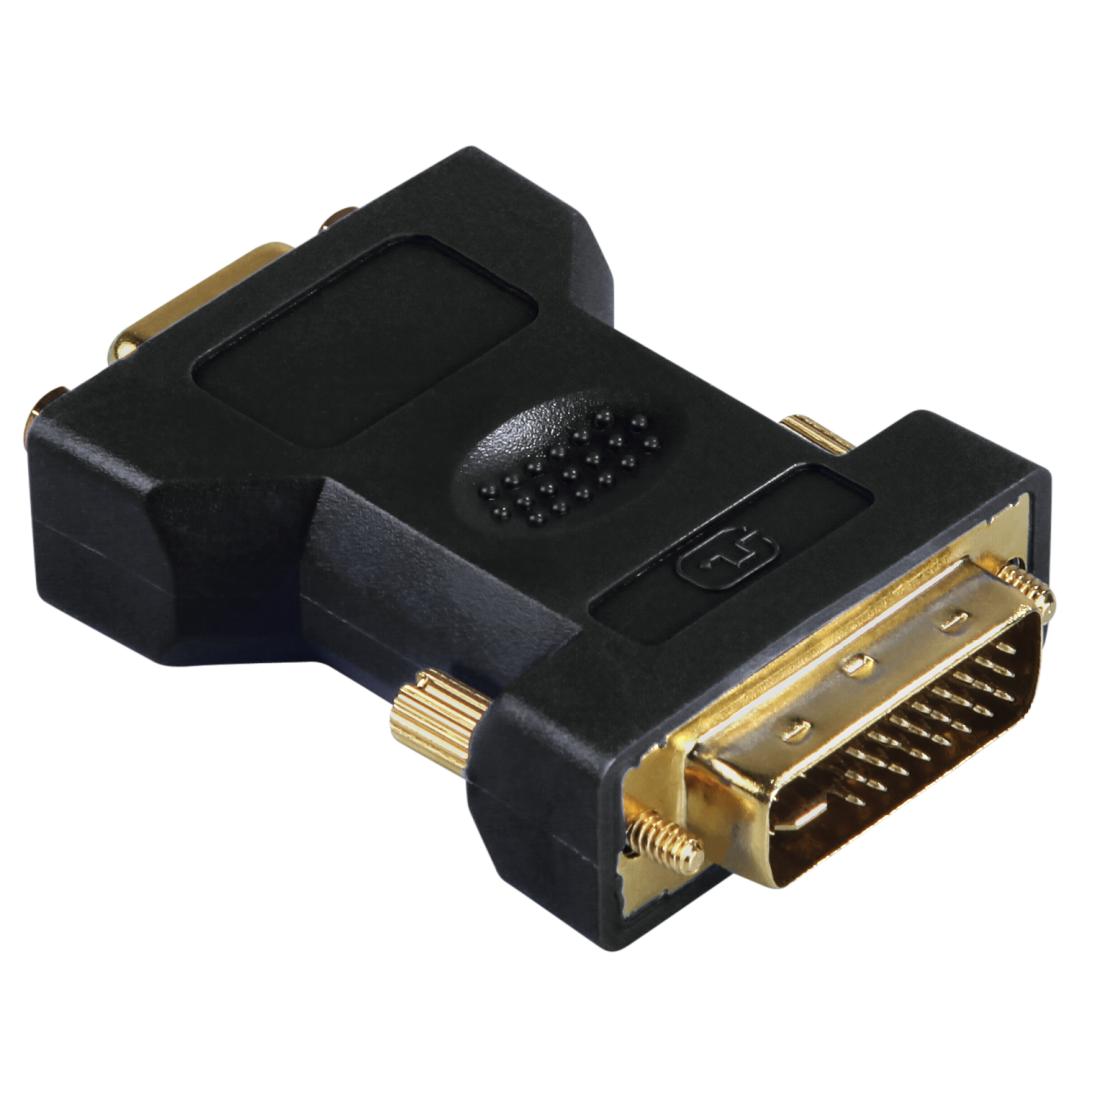 00045073 Hama Vga Dvi Adapter Dvi Plug Vga Socket Gold